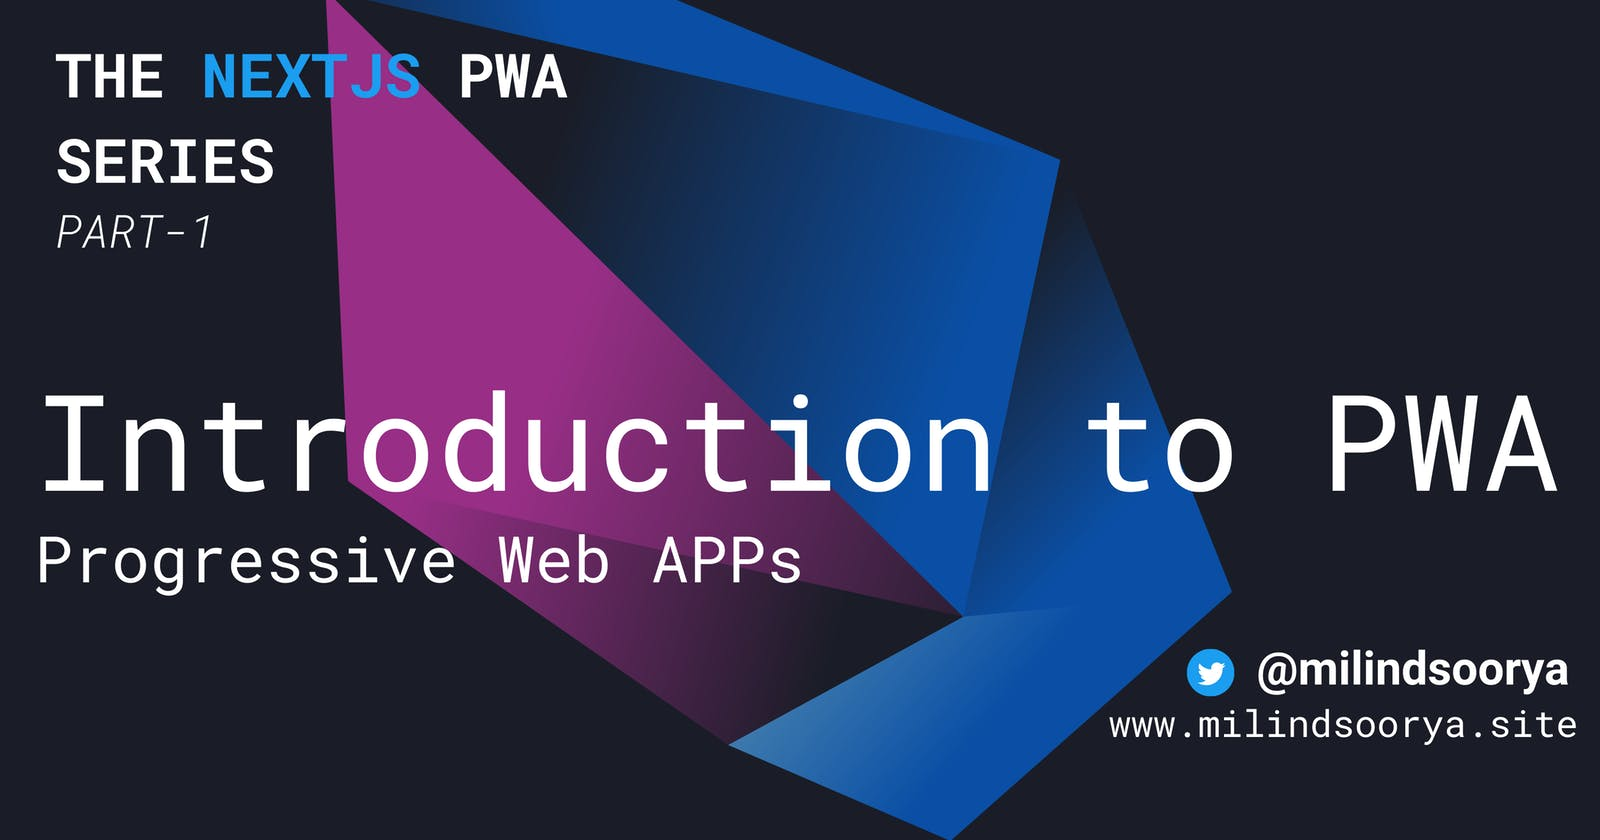 Introduction to PWA| Next.js | PWA Series PART-1